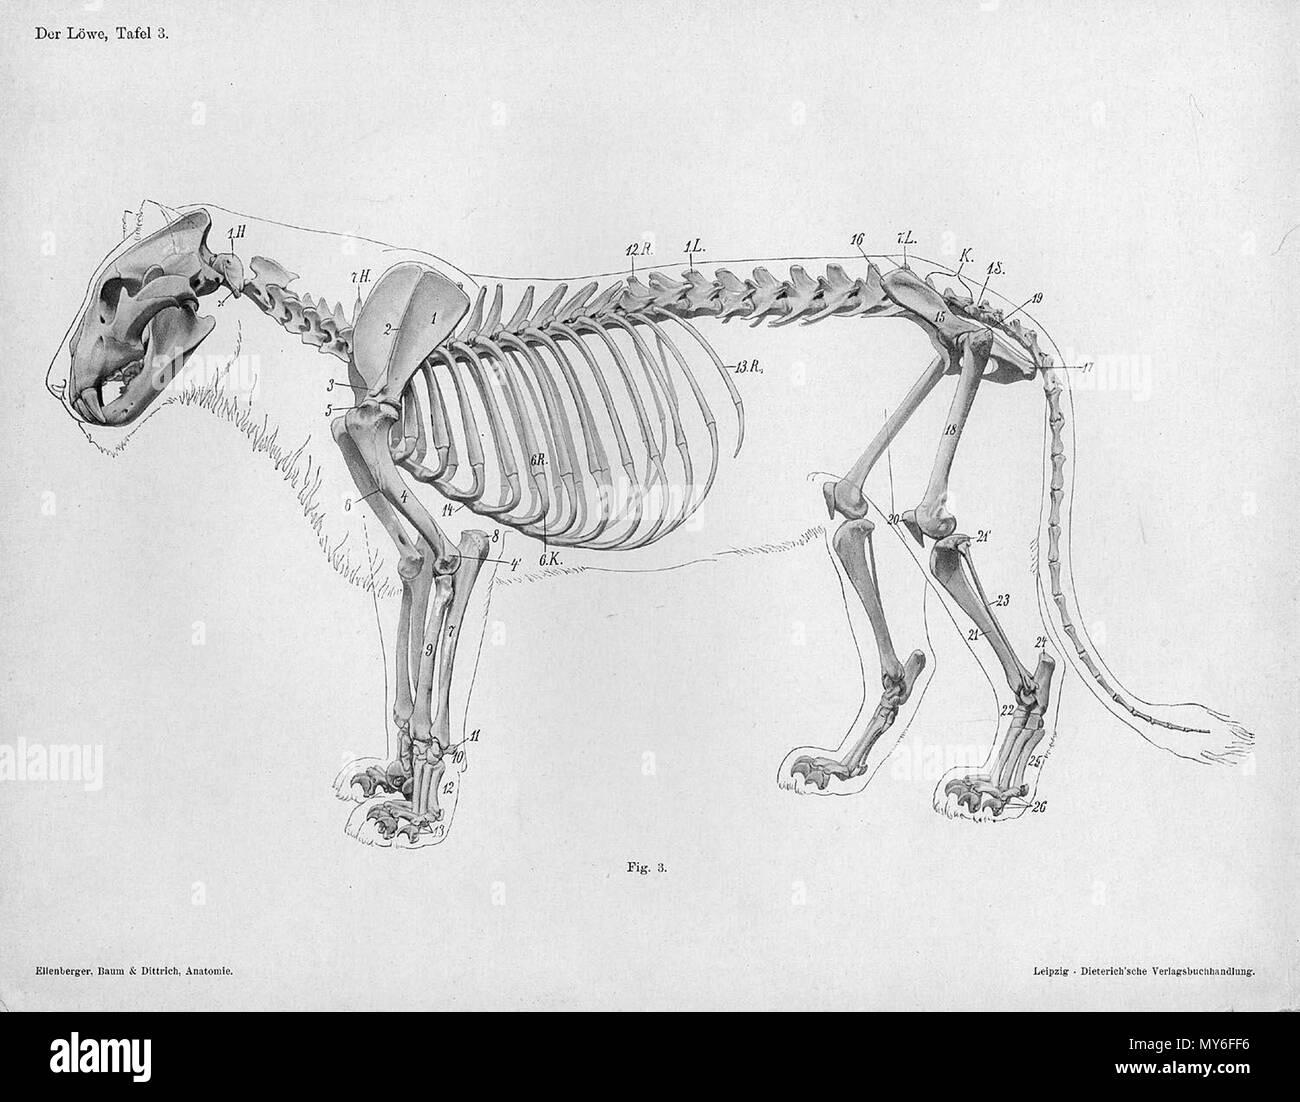 """. Anatómica Animal grabado de Handbuch der Anatomie der Tiere für Künstler"""" - Hermann Dittrich, Illustrator. 1889 y 1911-1925. Wilhelm Ellenberger y Hermann Baum 325 Lion anatomía esqueleto vista lateral Foto de stock"""